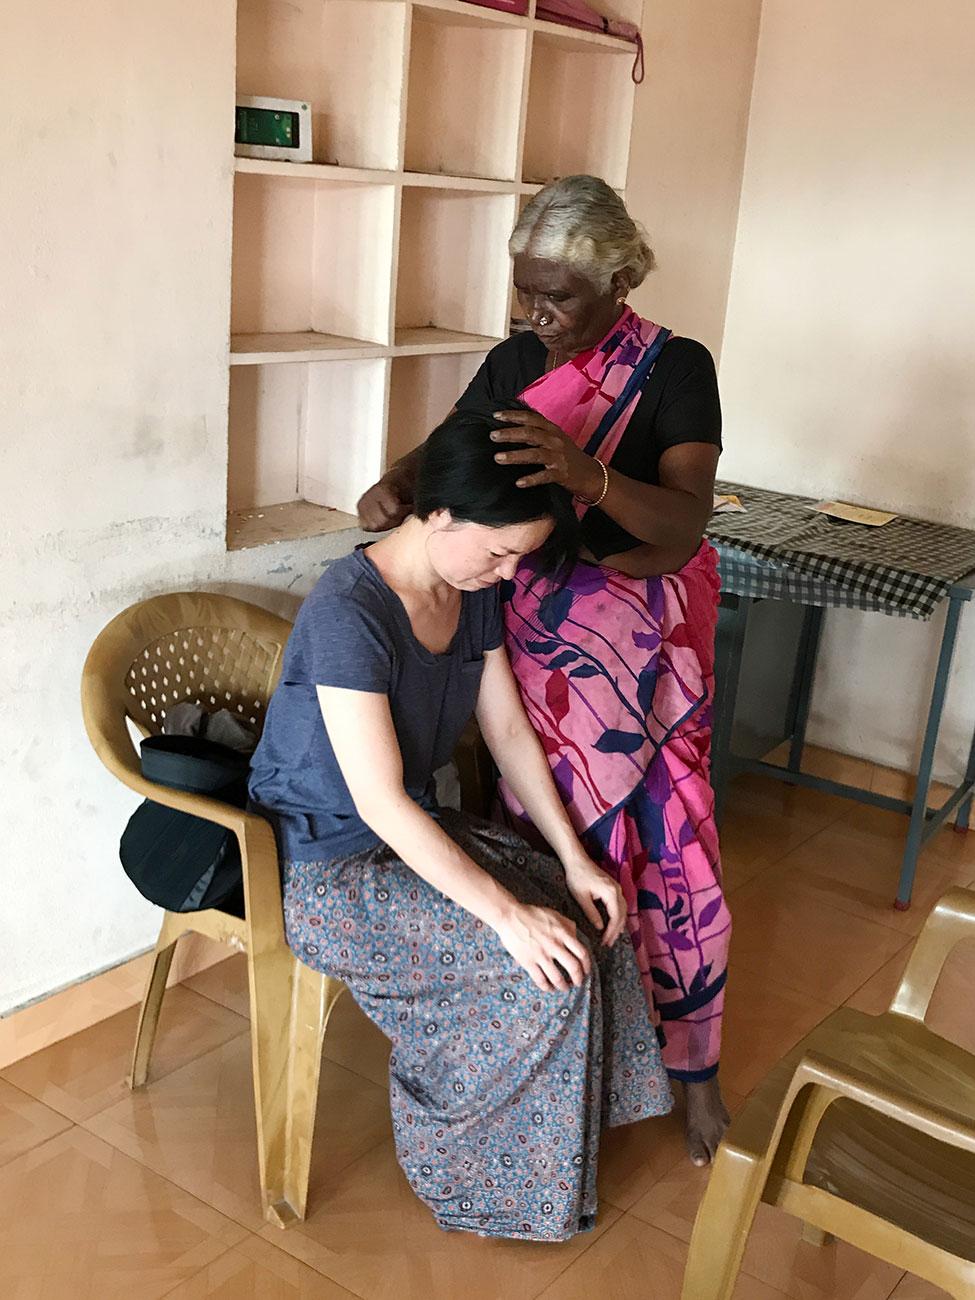 ケララ、Attappati部族伝統の診断、背中